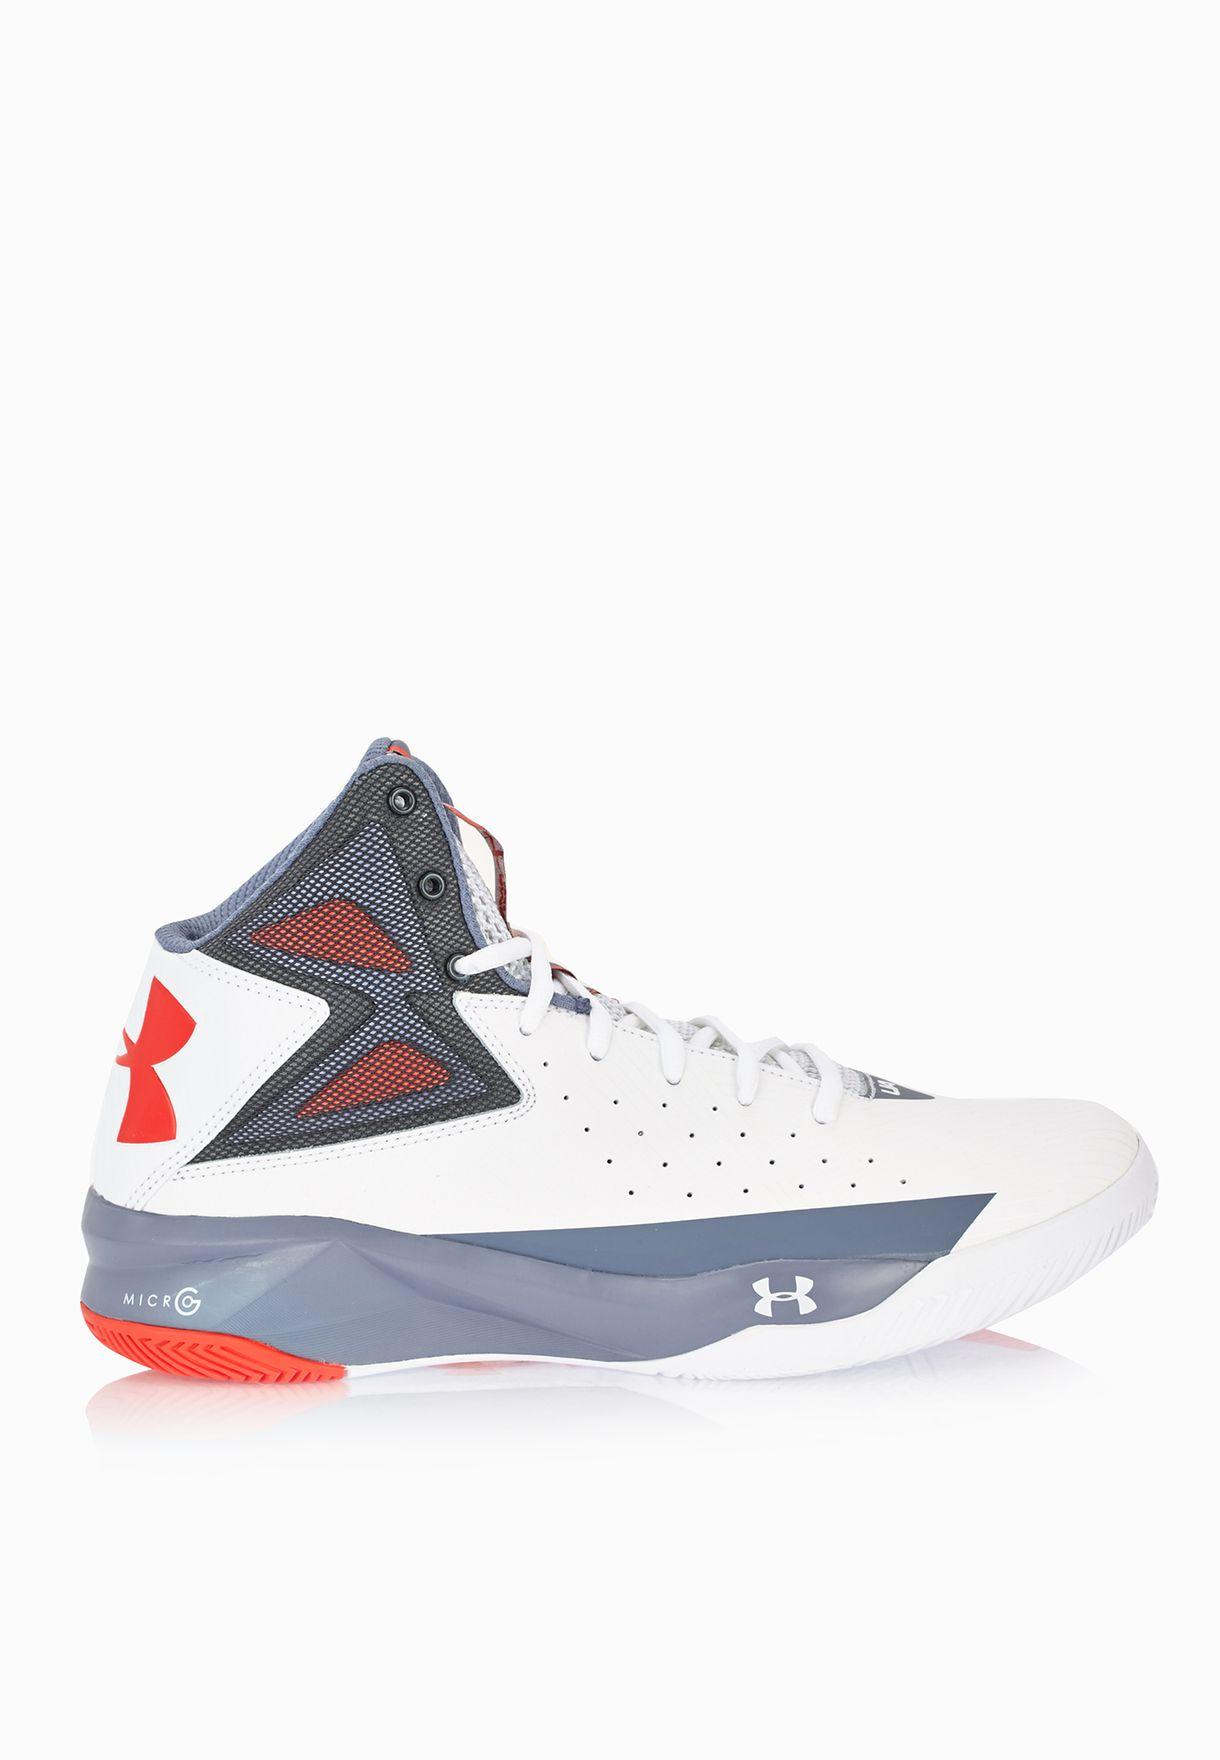 c1c2c53e0eb Shop Under Armour multicolor Rocket Sports Shoes 1264224-102 for Men ...